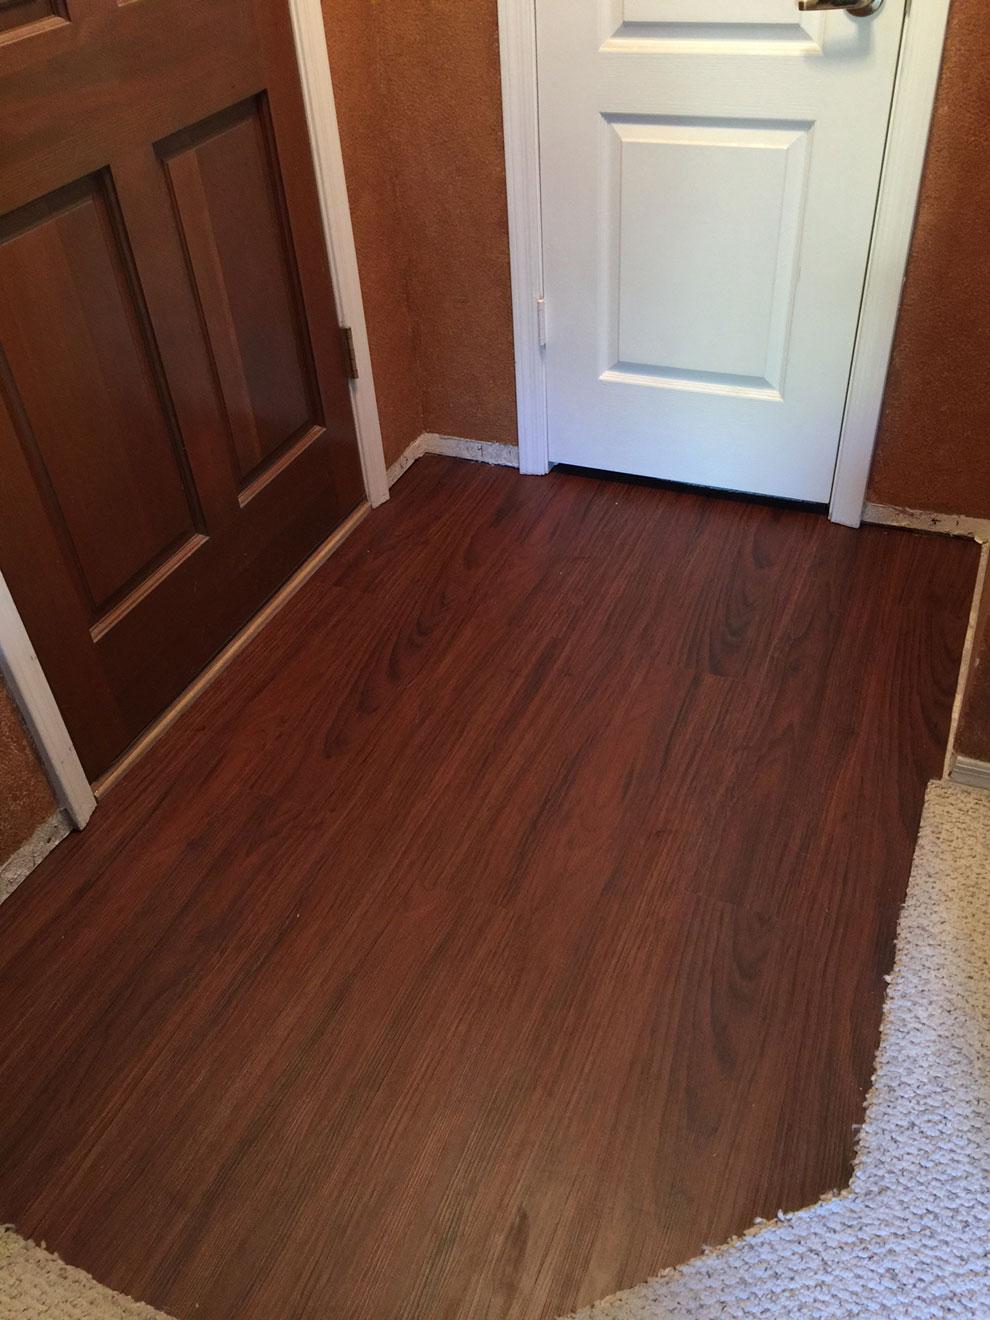 Vidara Vinyl Planks Low Cost Interlocking Flooring